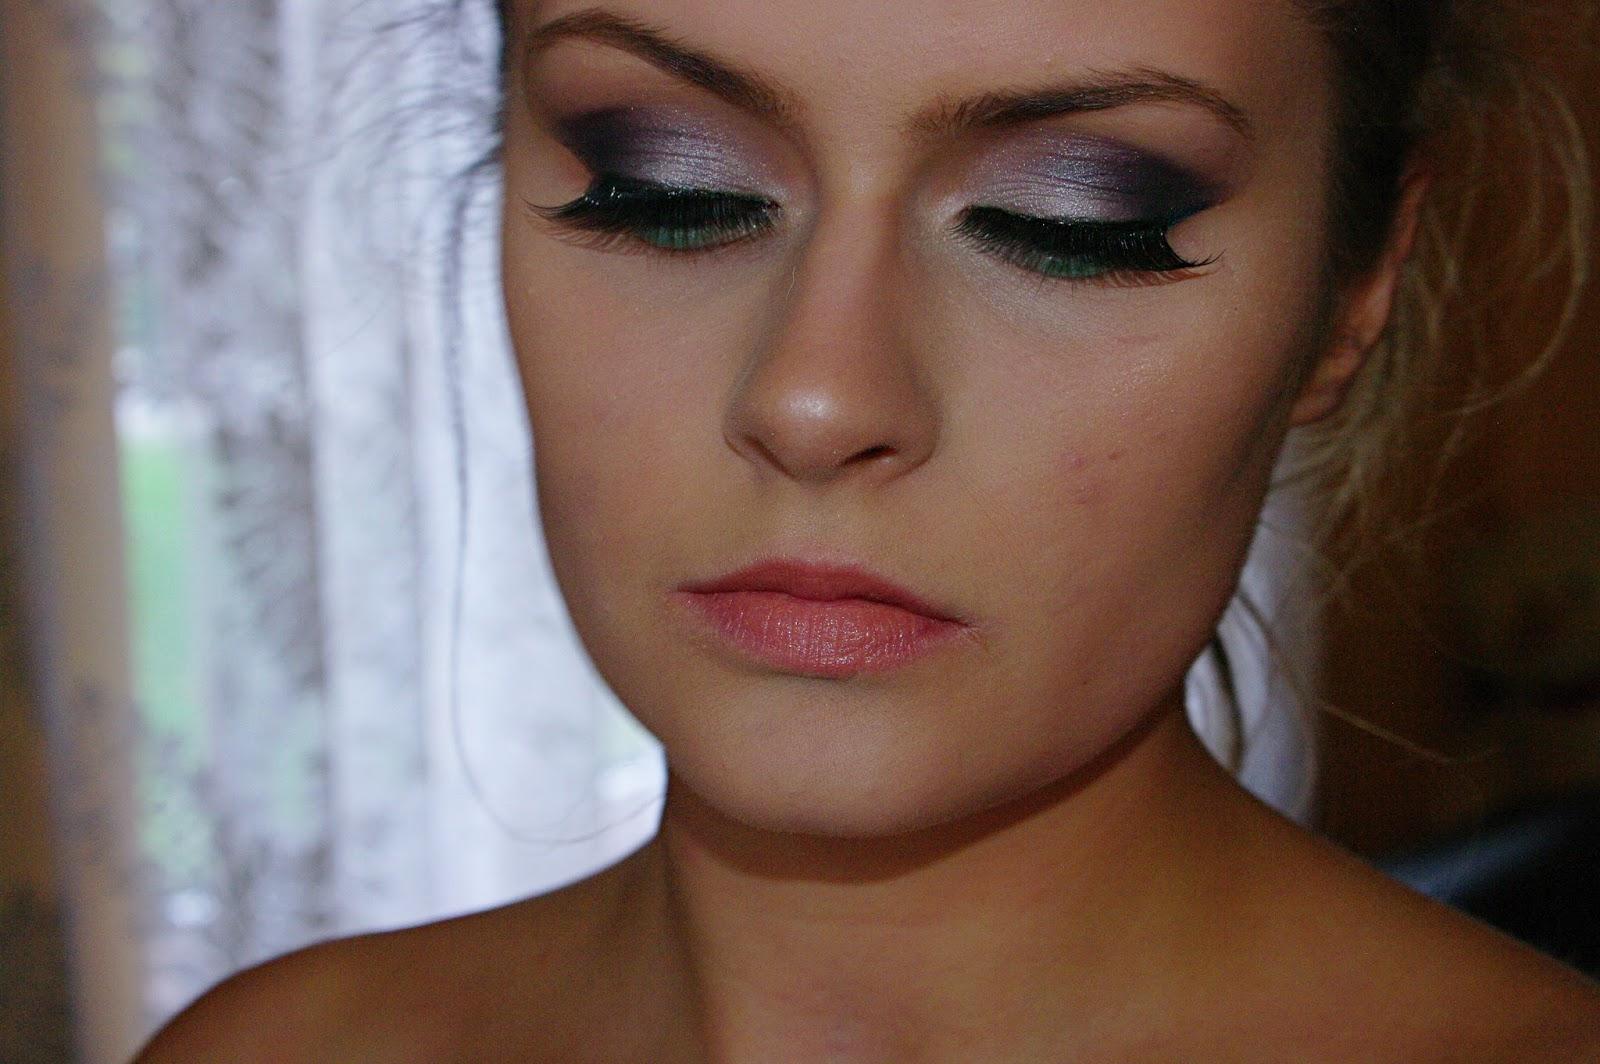 Makijaż Dla Niebieskich Oczu Srebro Niebieski Blog Makijaż